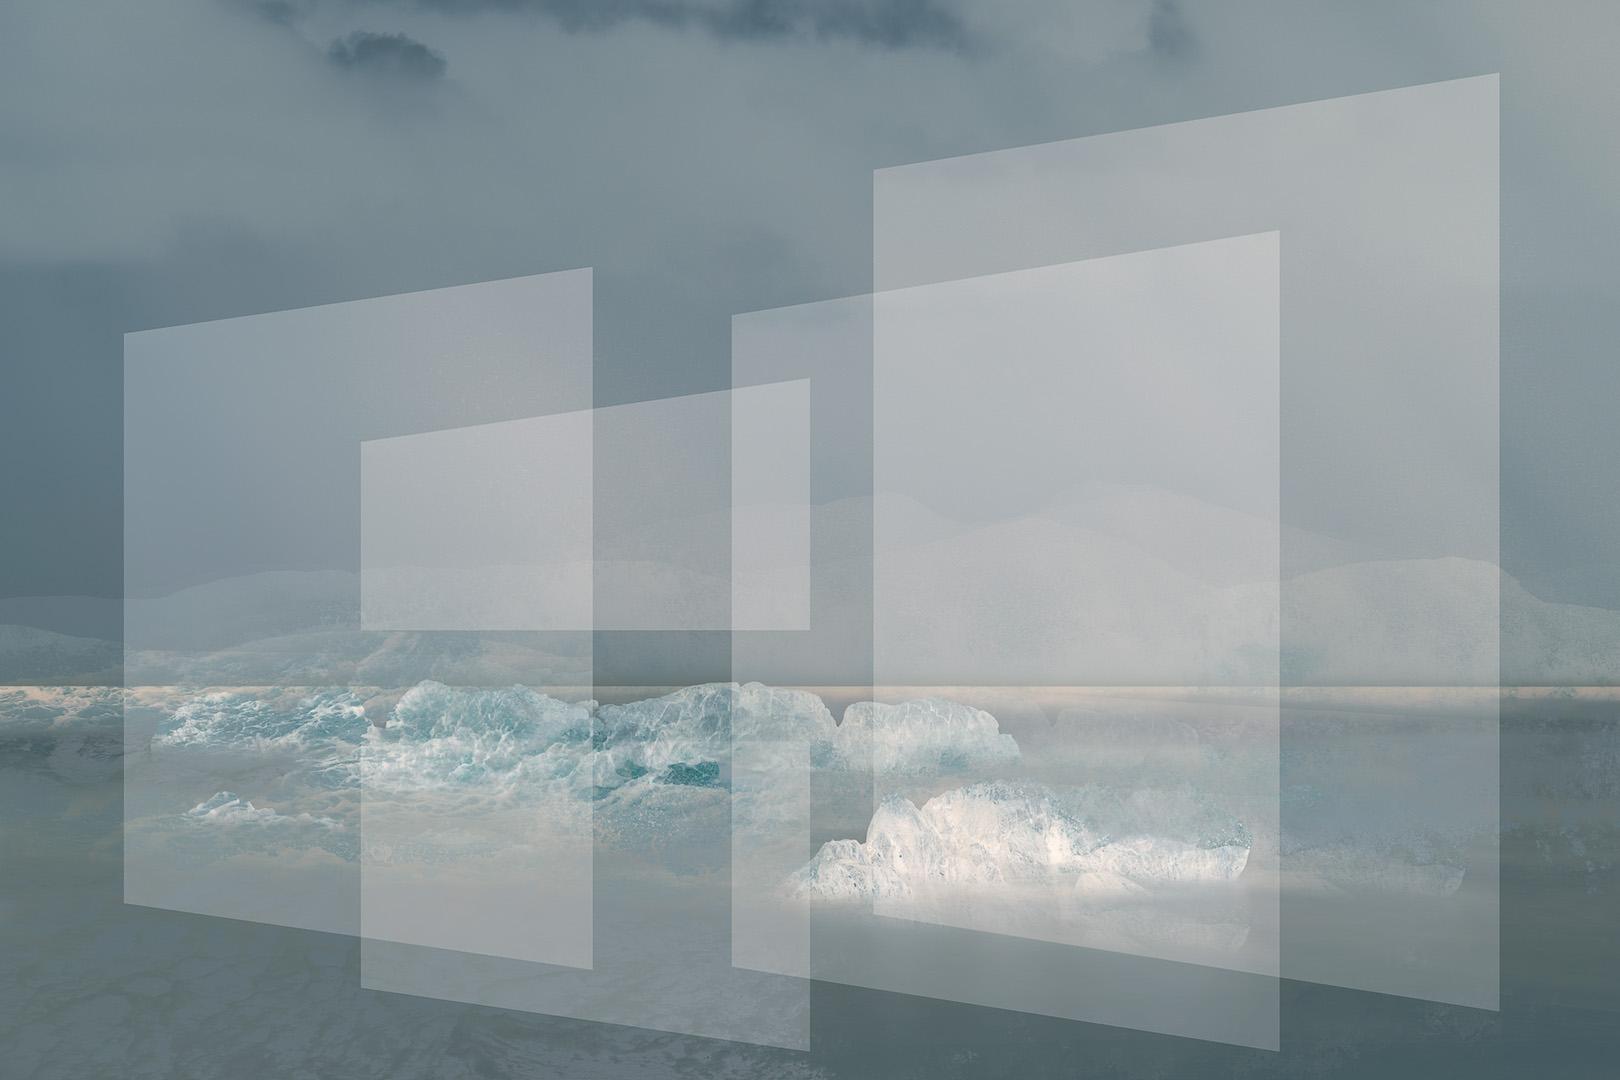 Tiree Horizon